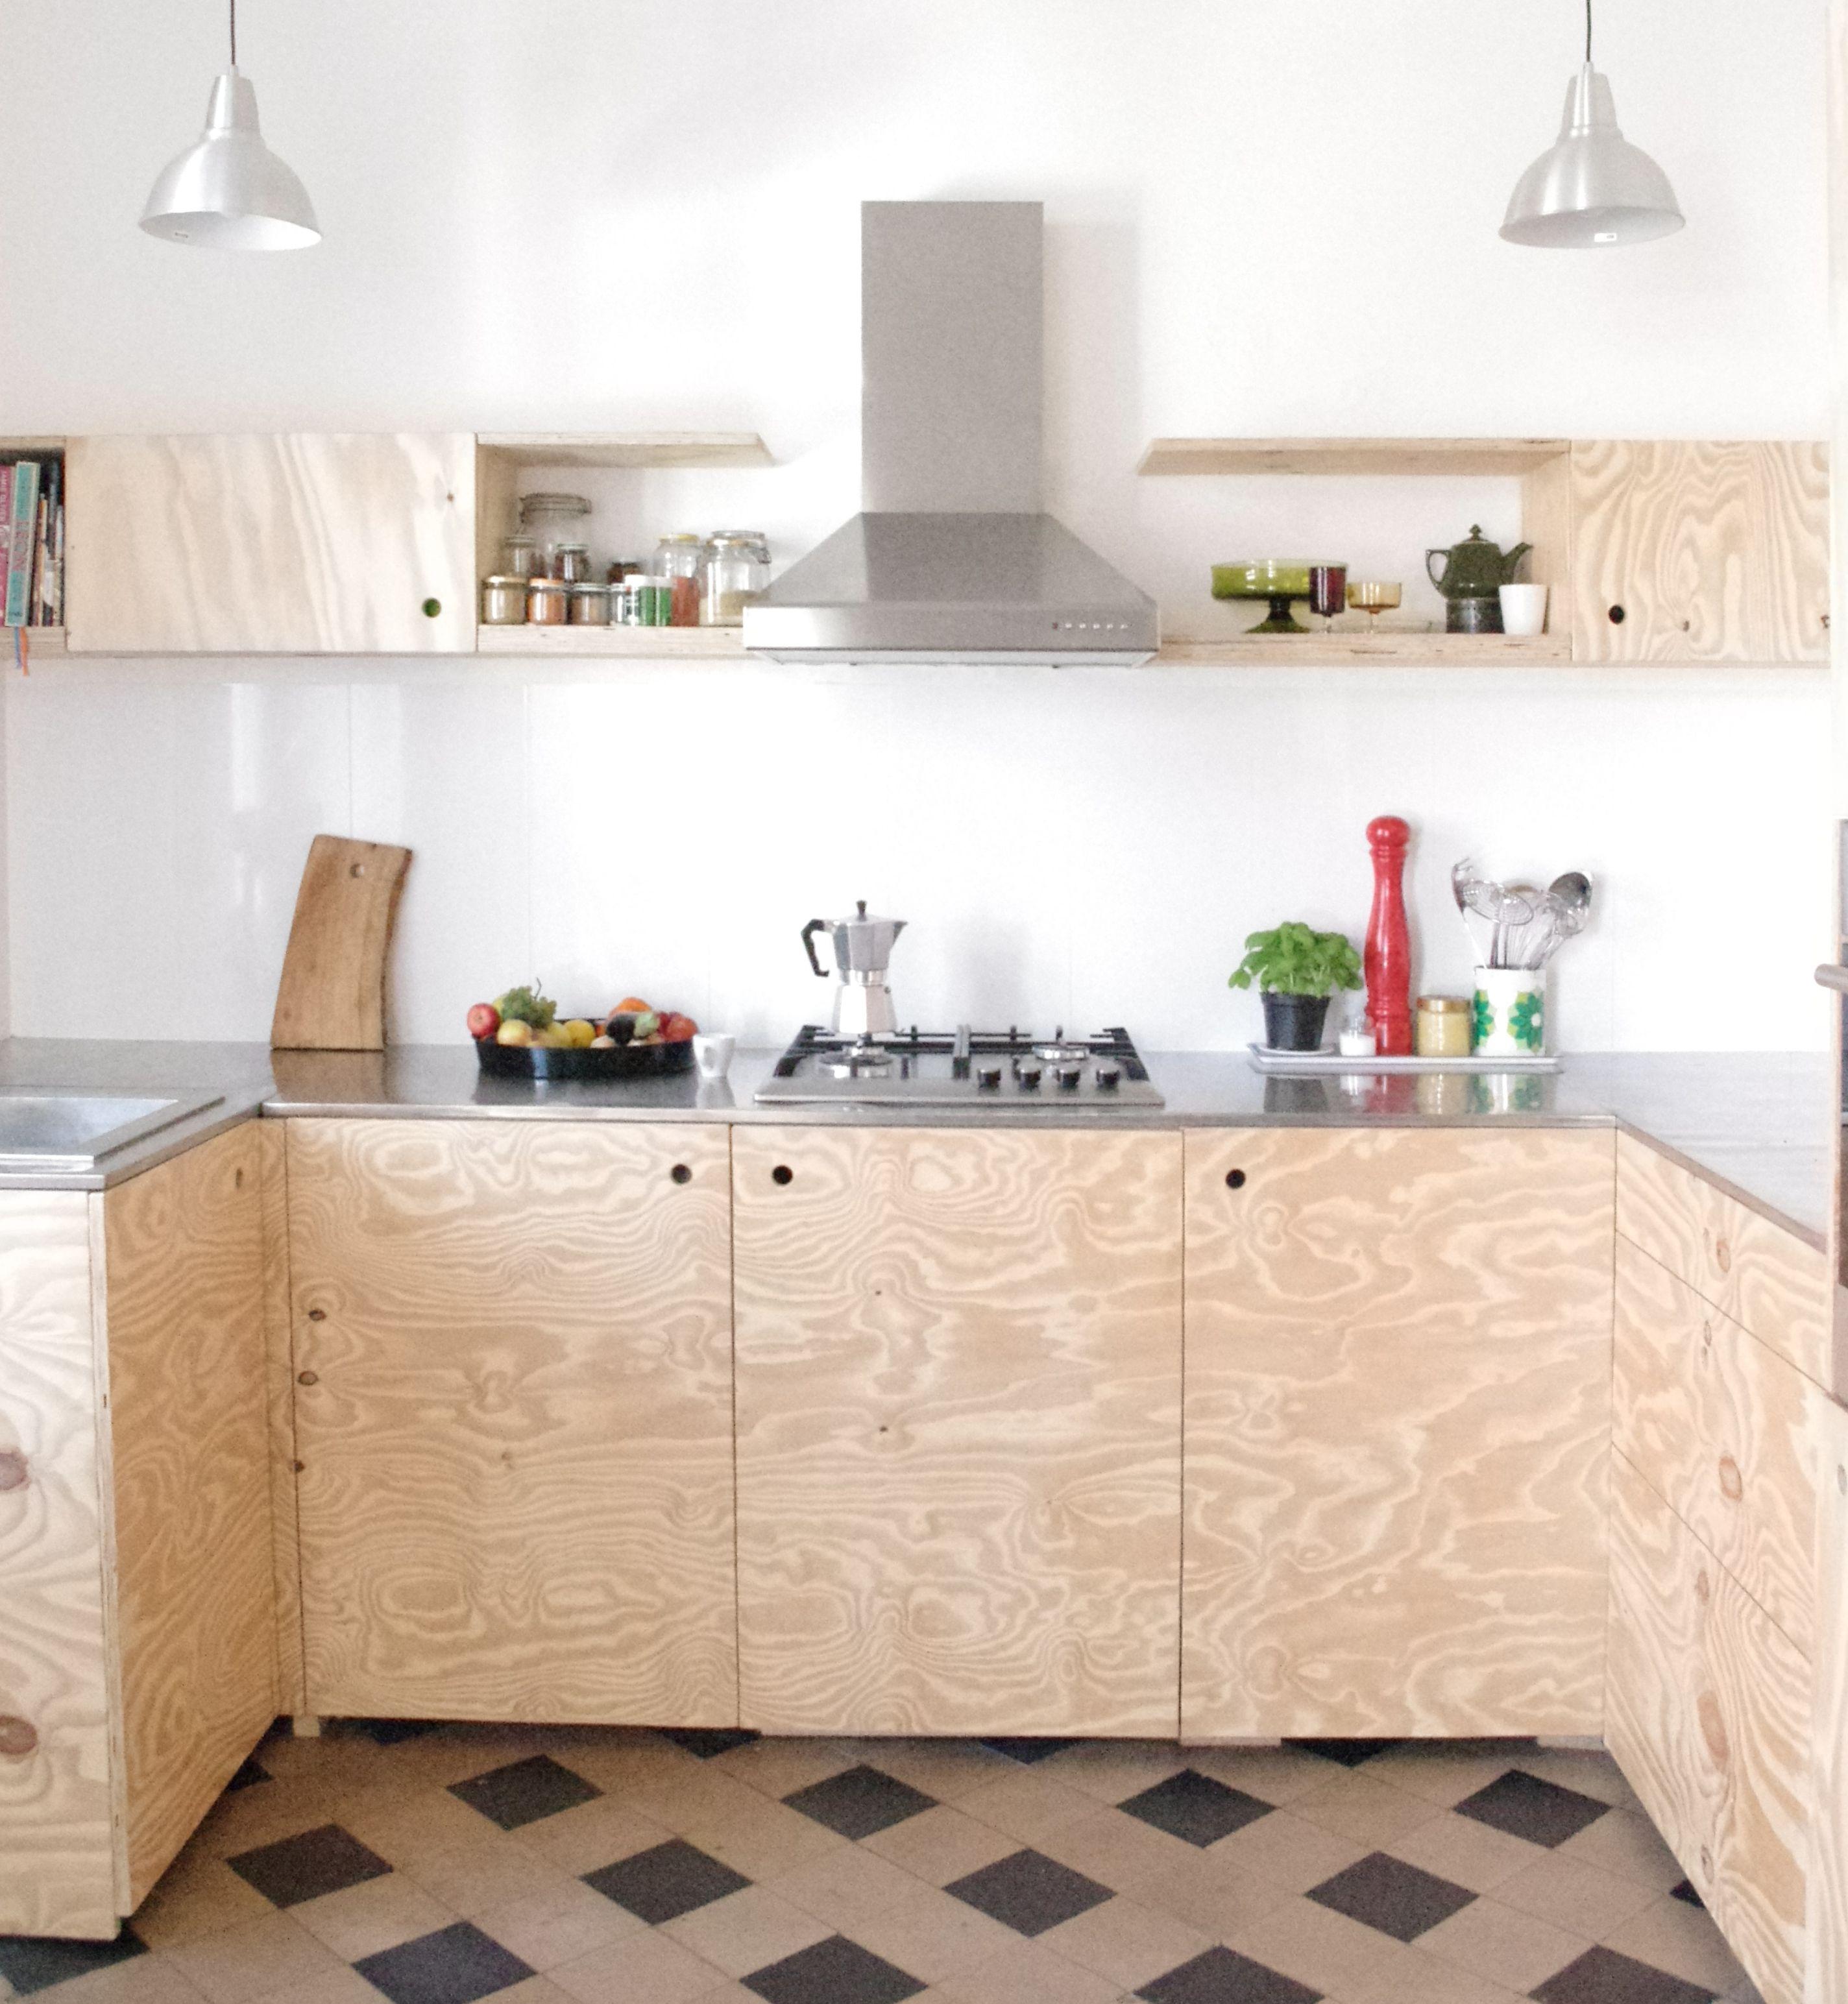 Wohnideen Fur Holzliebhaber Sperrholz Und Plywood Mit Bildern Kuche Selber Bauen Kuche Bauen Kuche Diy